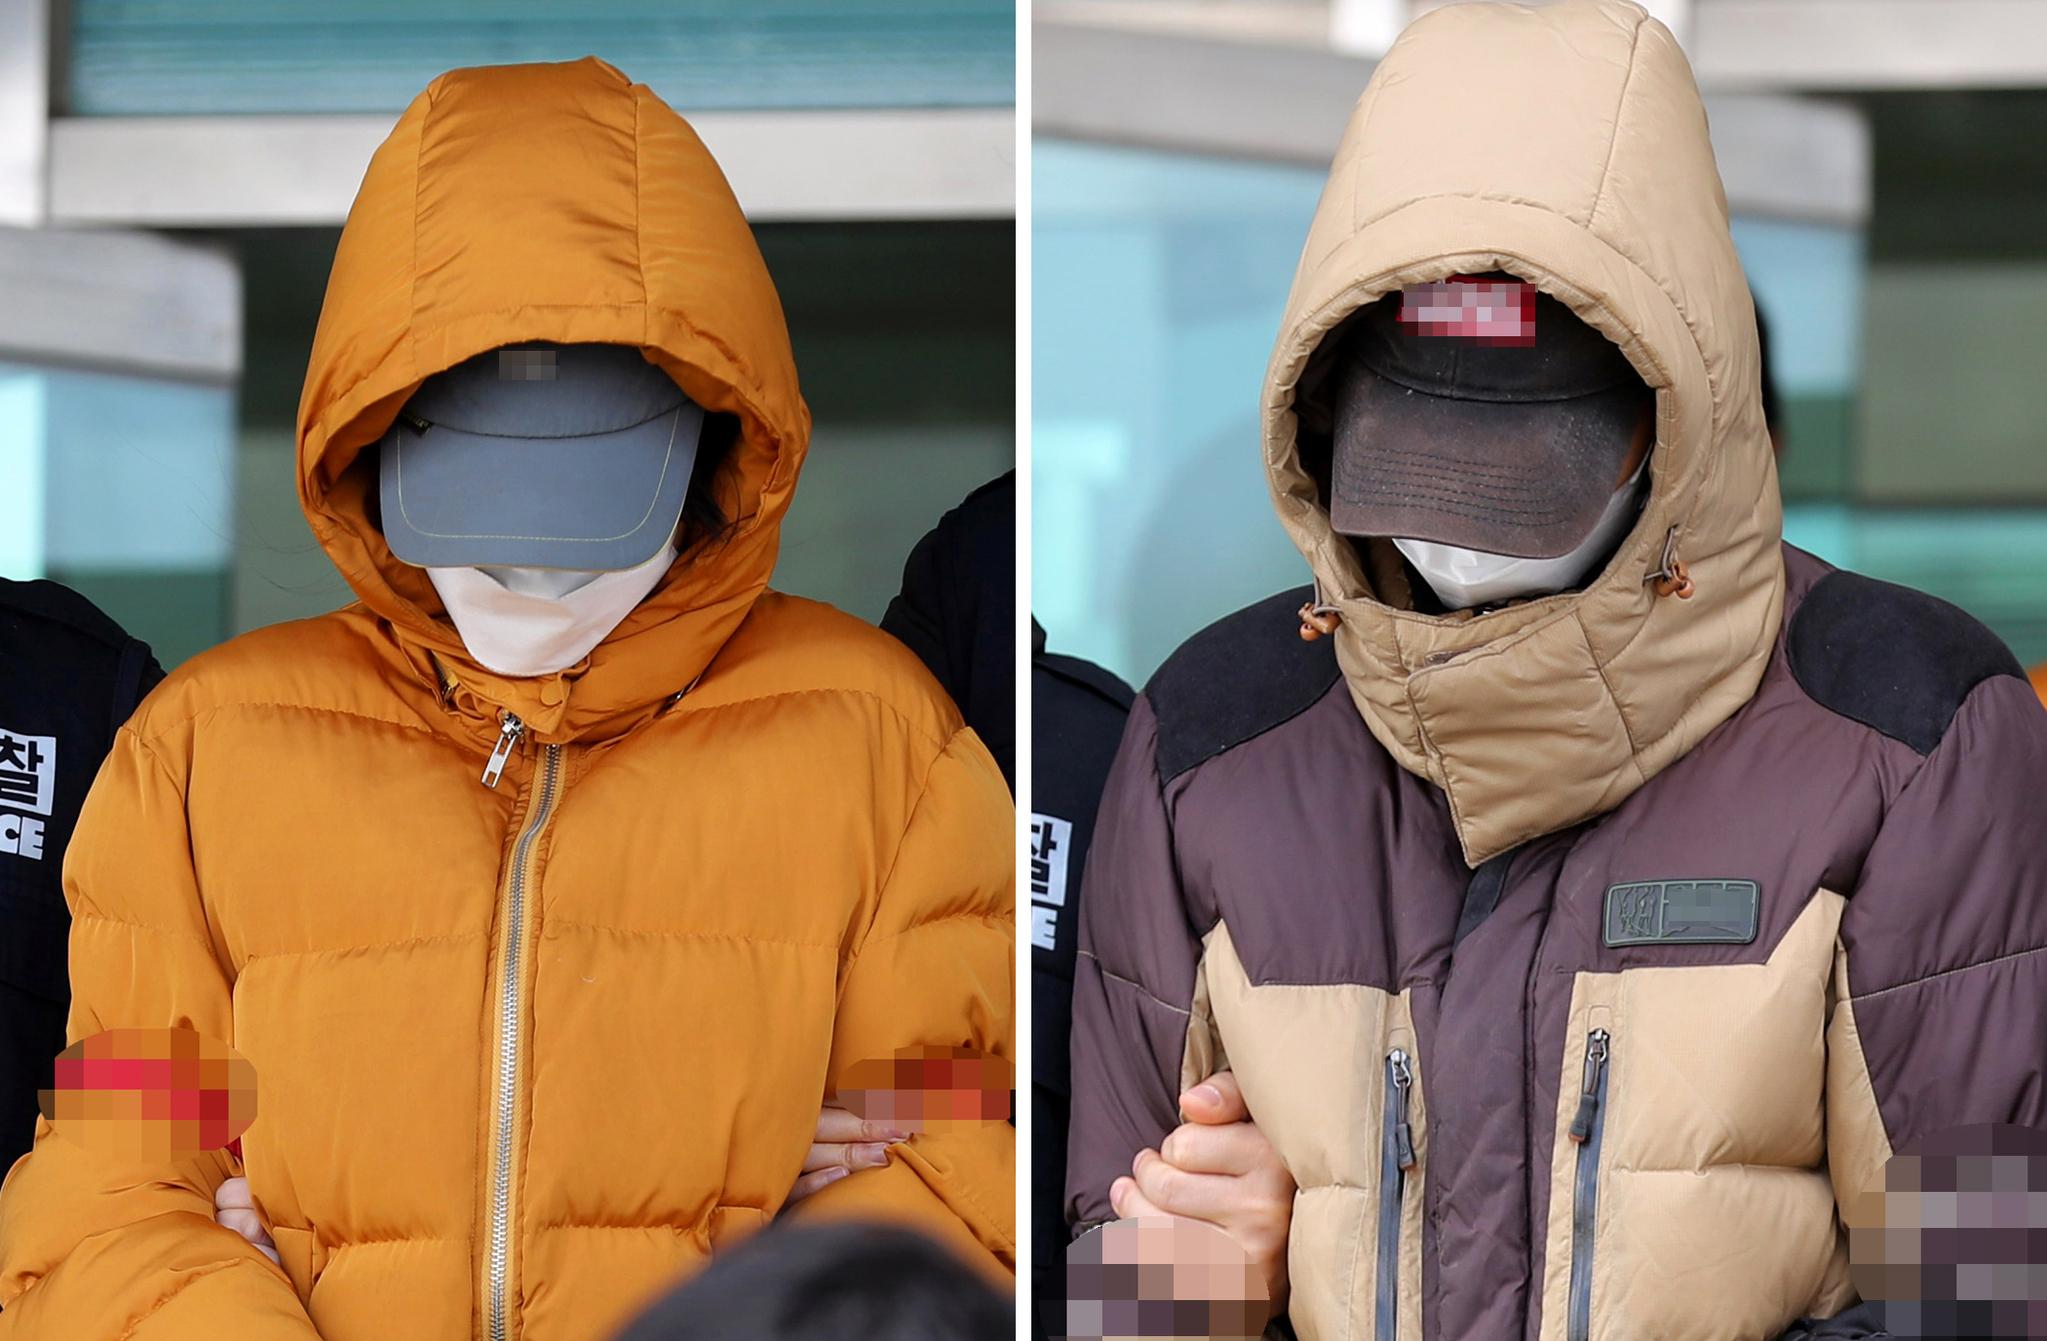 생후 2주 된 아들을 폭행해 살해한 혐의로 구속 송치된 남편 A(24·오른쪽)씨와 아내 B(22)씨. 연합뉴스